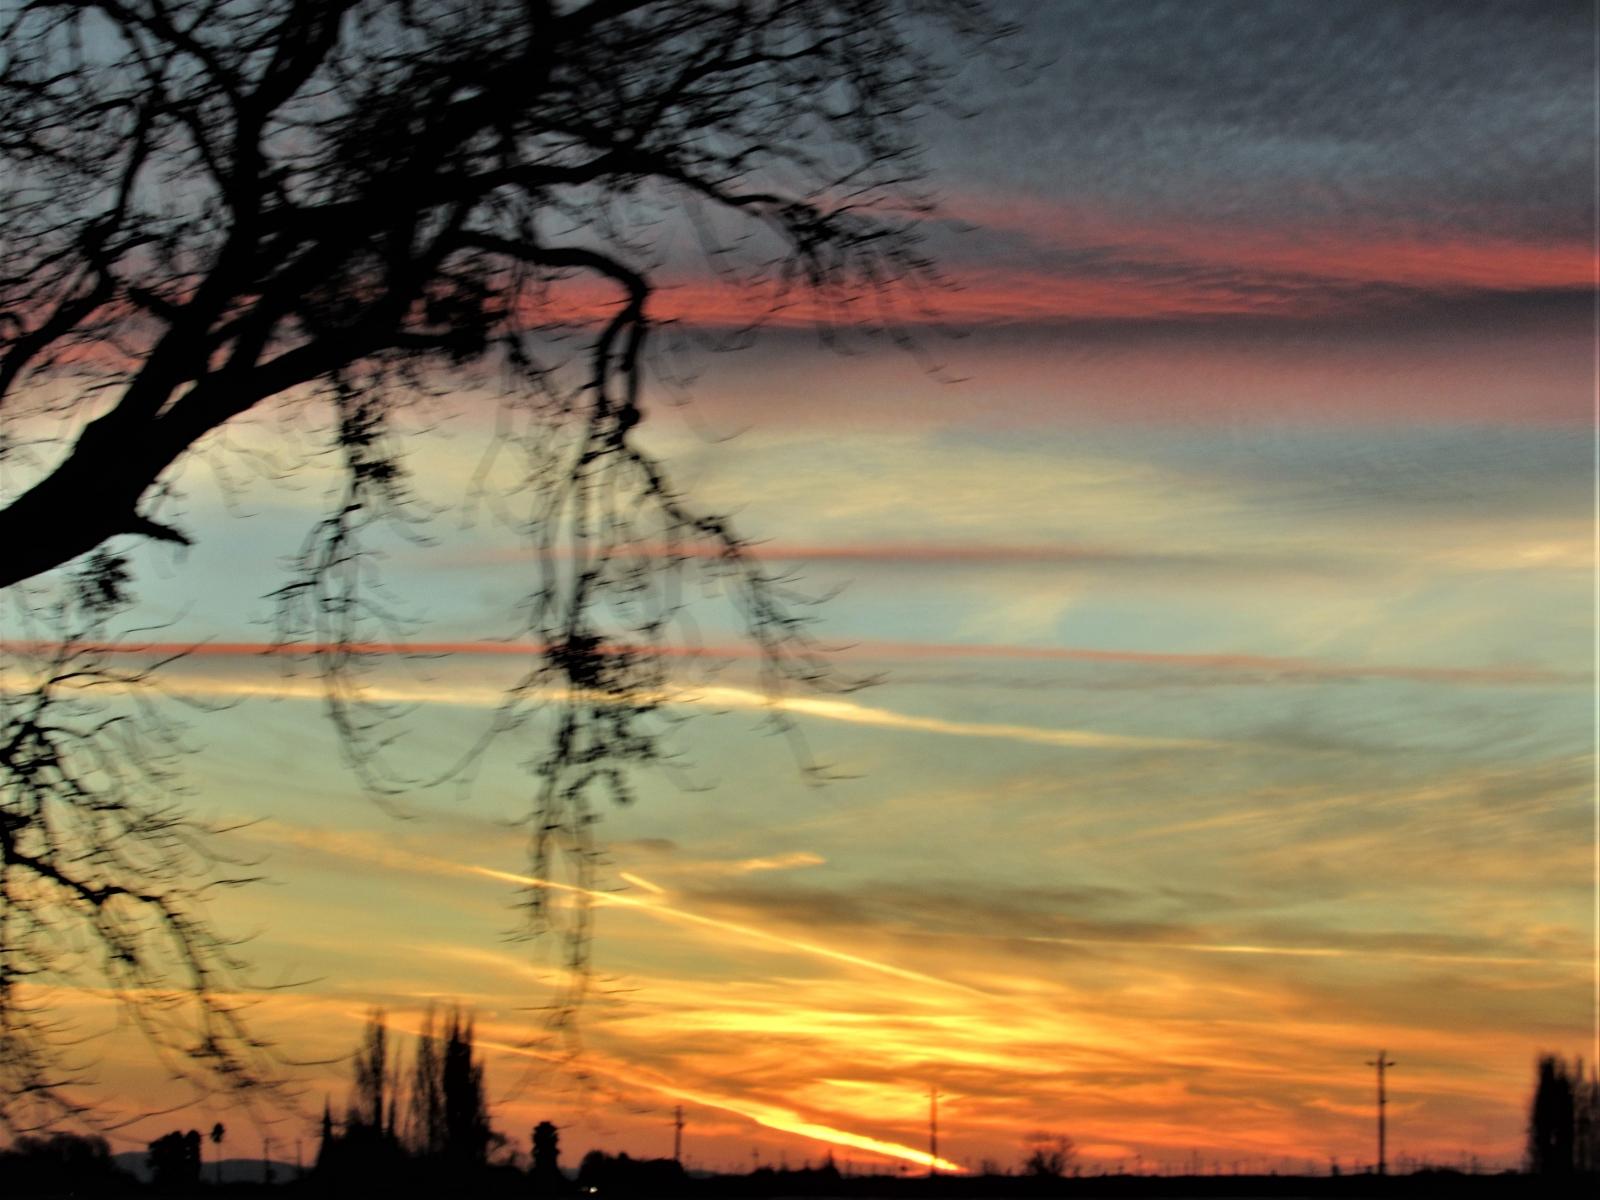 Sky-streaks